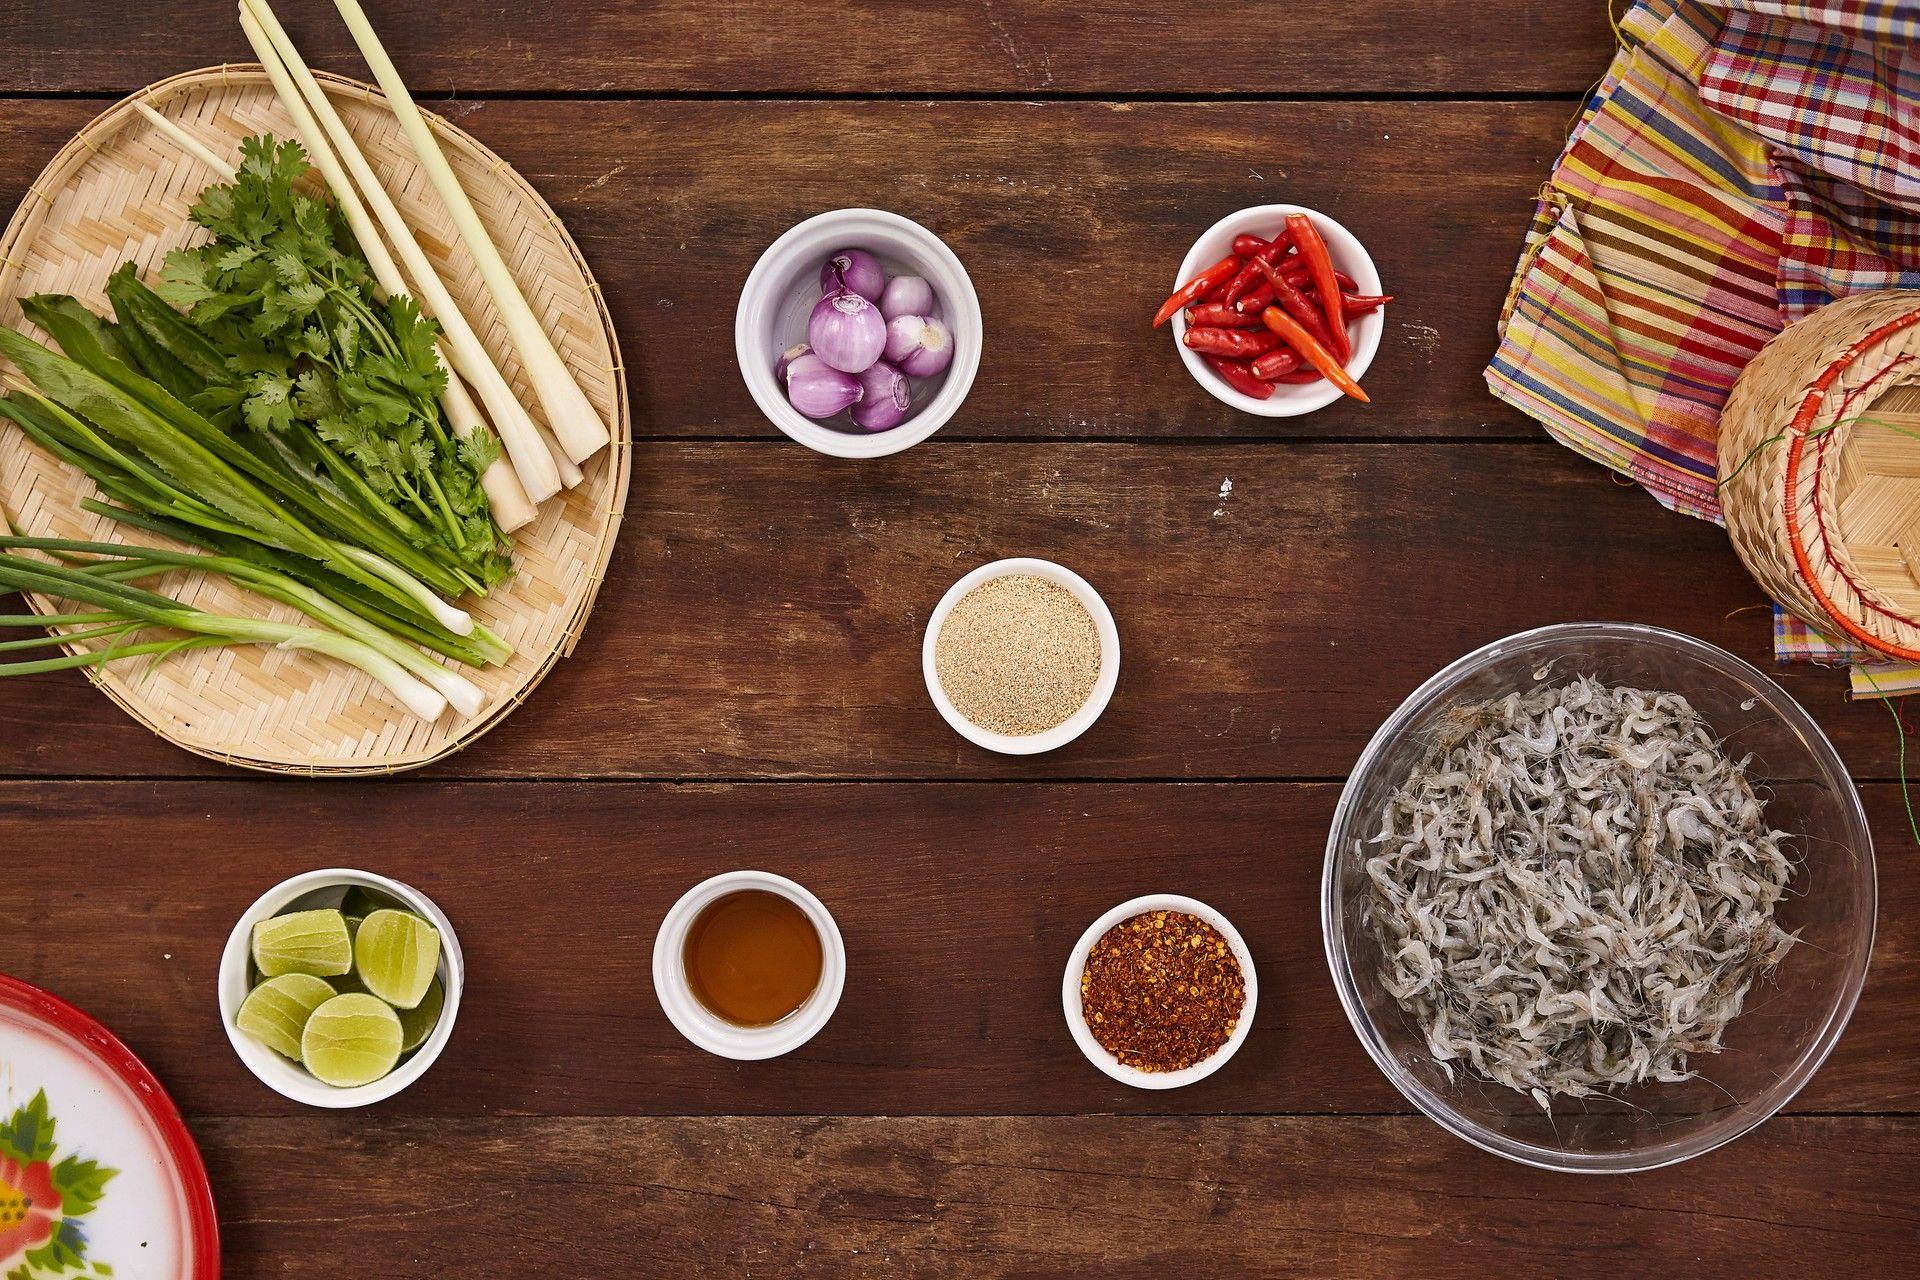 Món ăn sống còn nhảy tanh tách, ai cũng muốn bỏ chạy nhưng rất nổi tiếng ở Thái Lan - Ảnh 2.